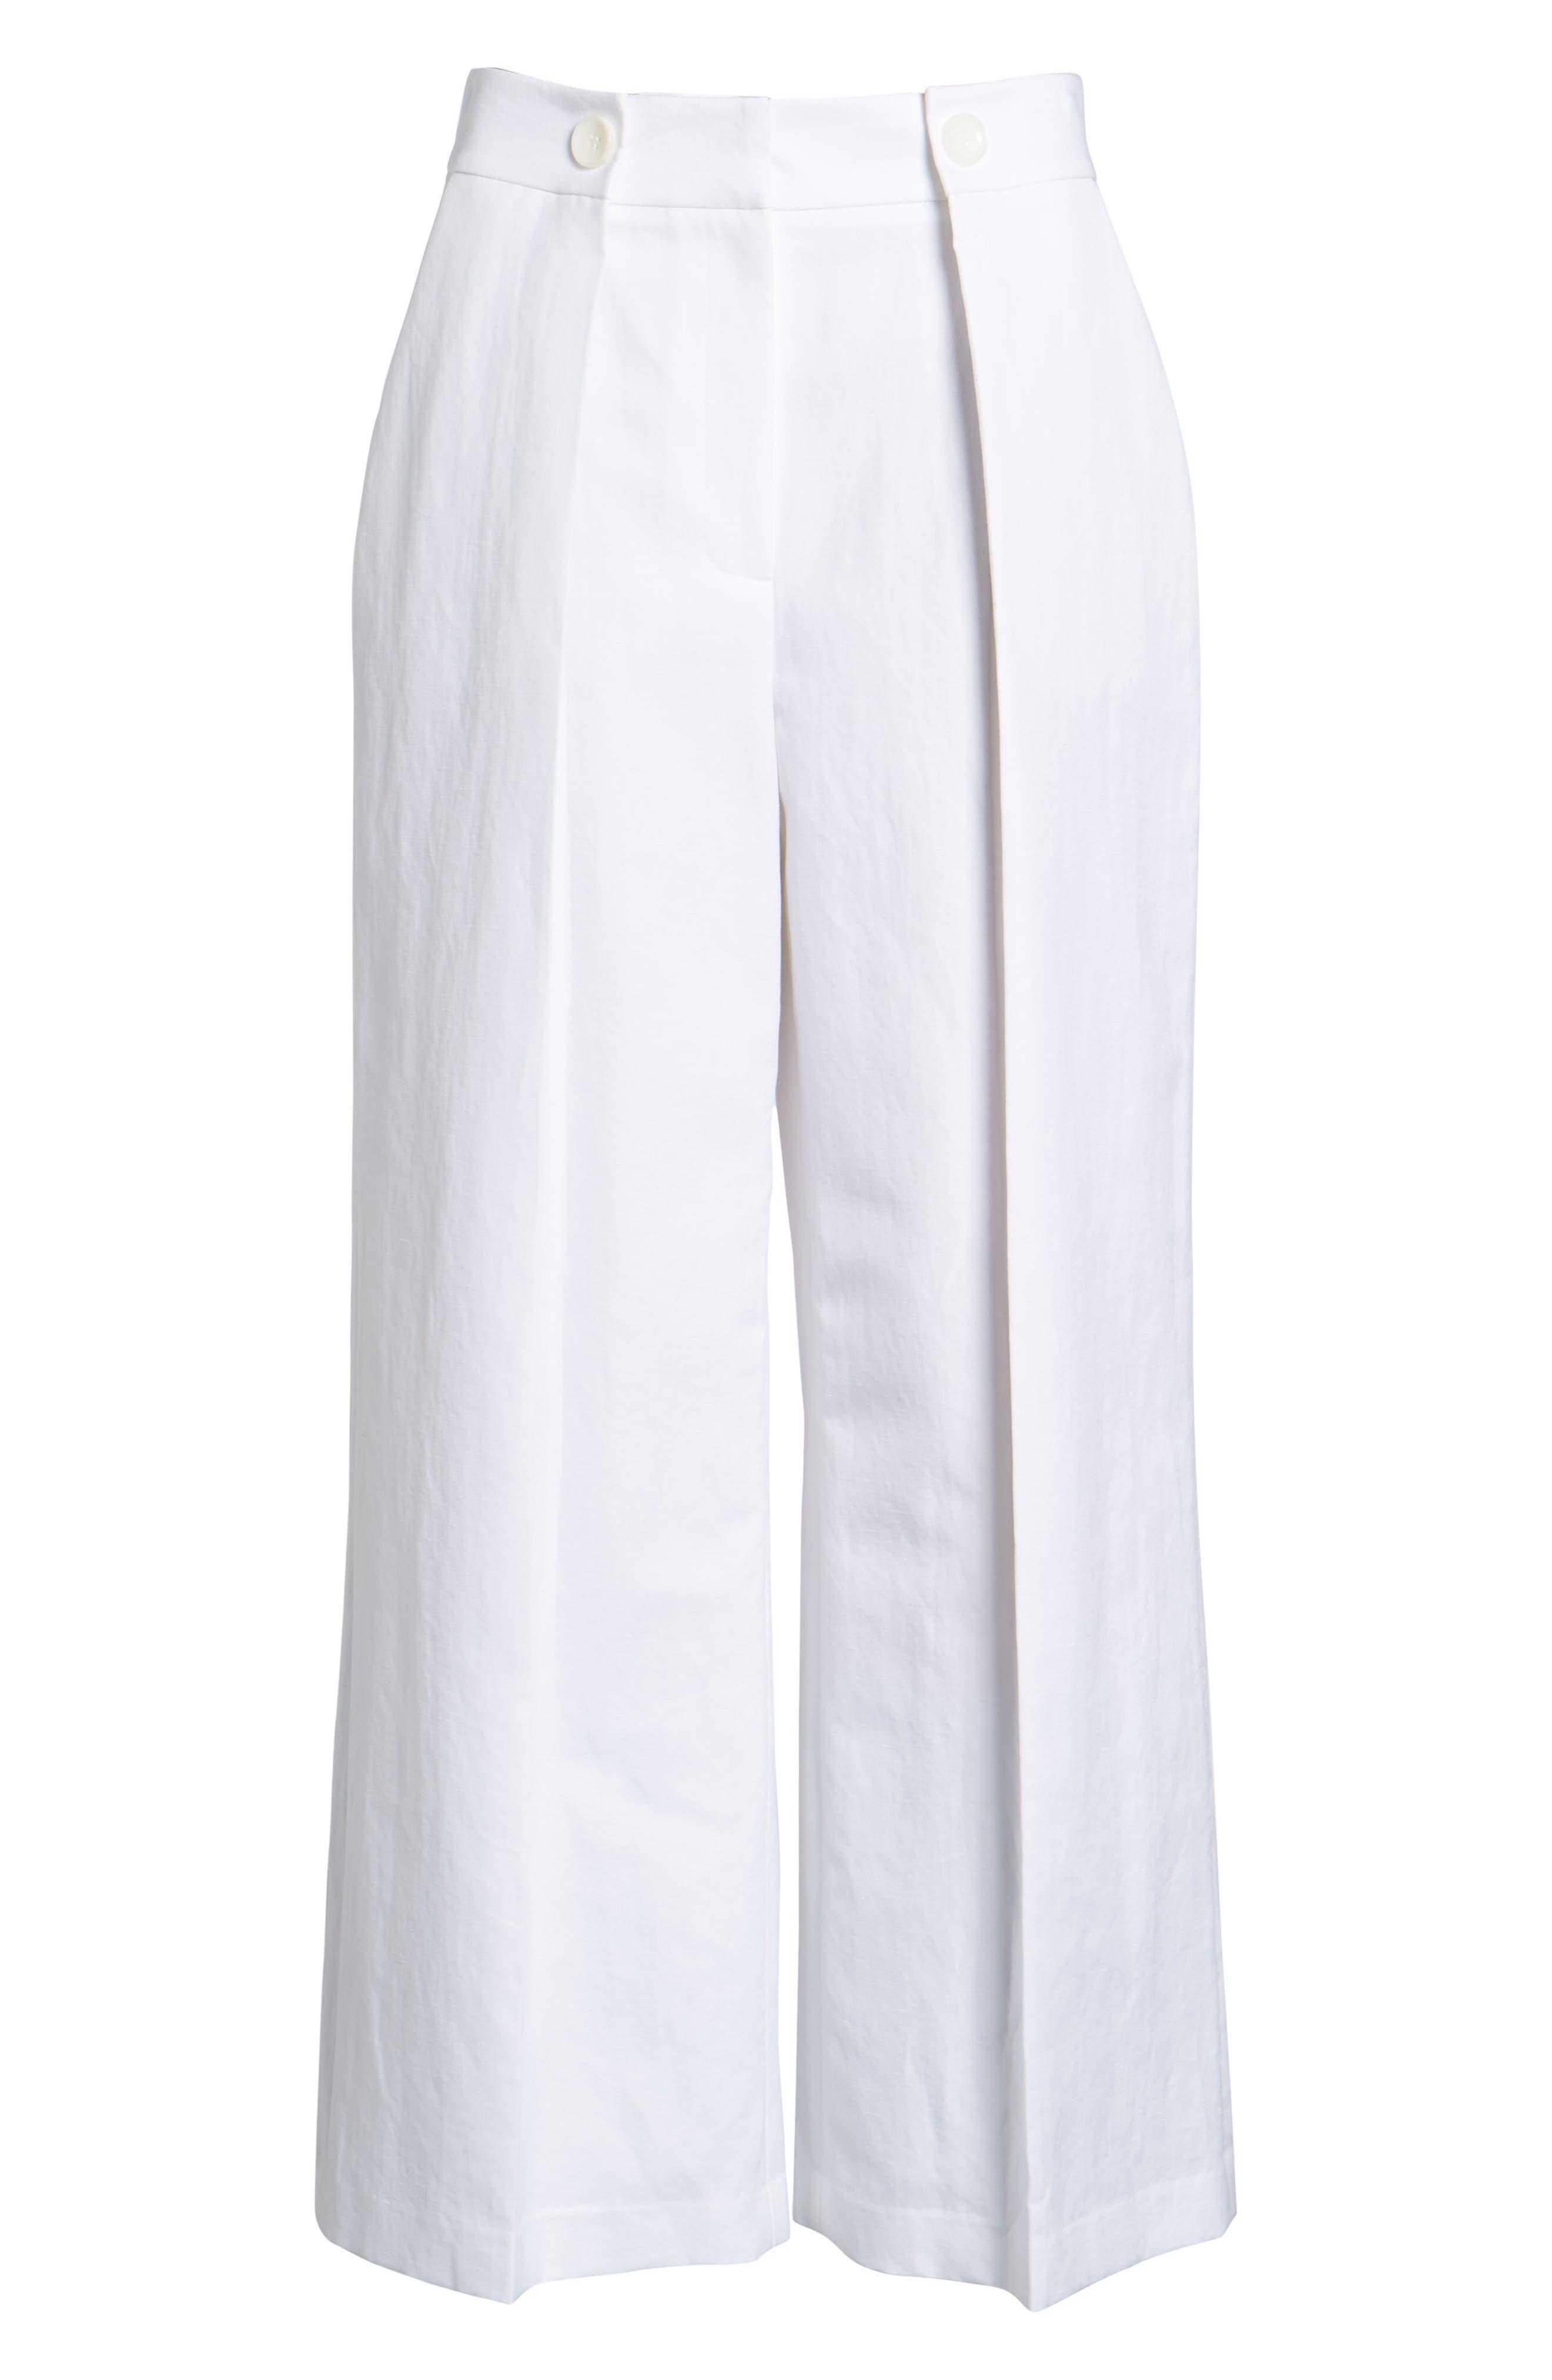 Pleated Wide Leg Linen & Cotton Pants,                             Alternate thumbnail 7, color,                             100